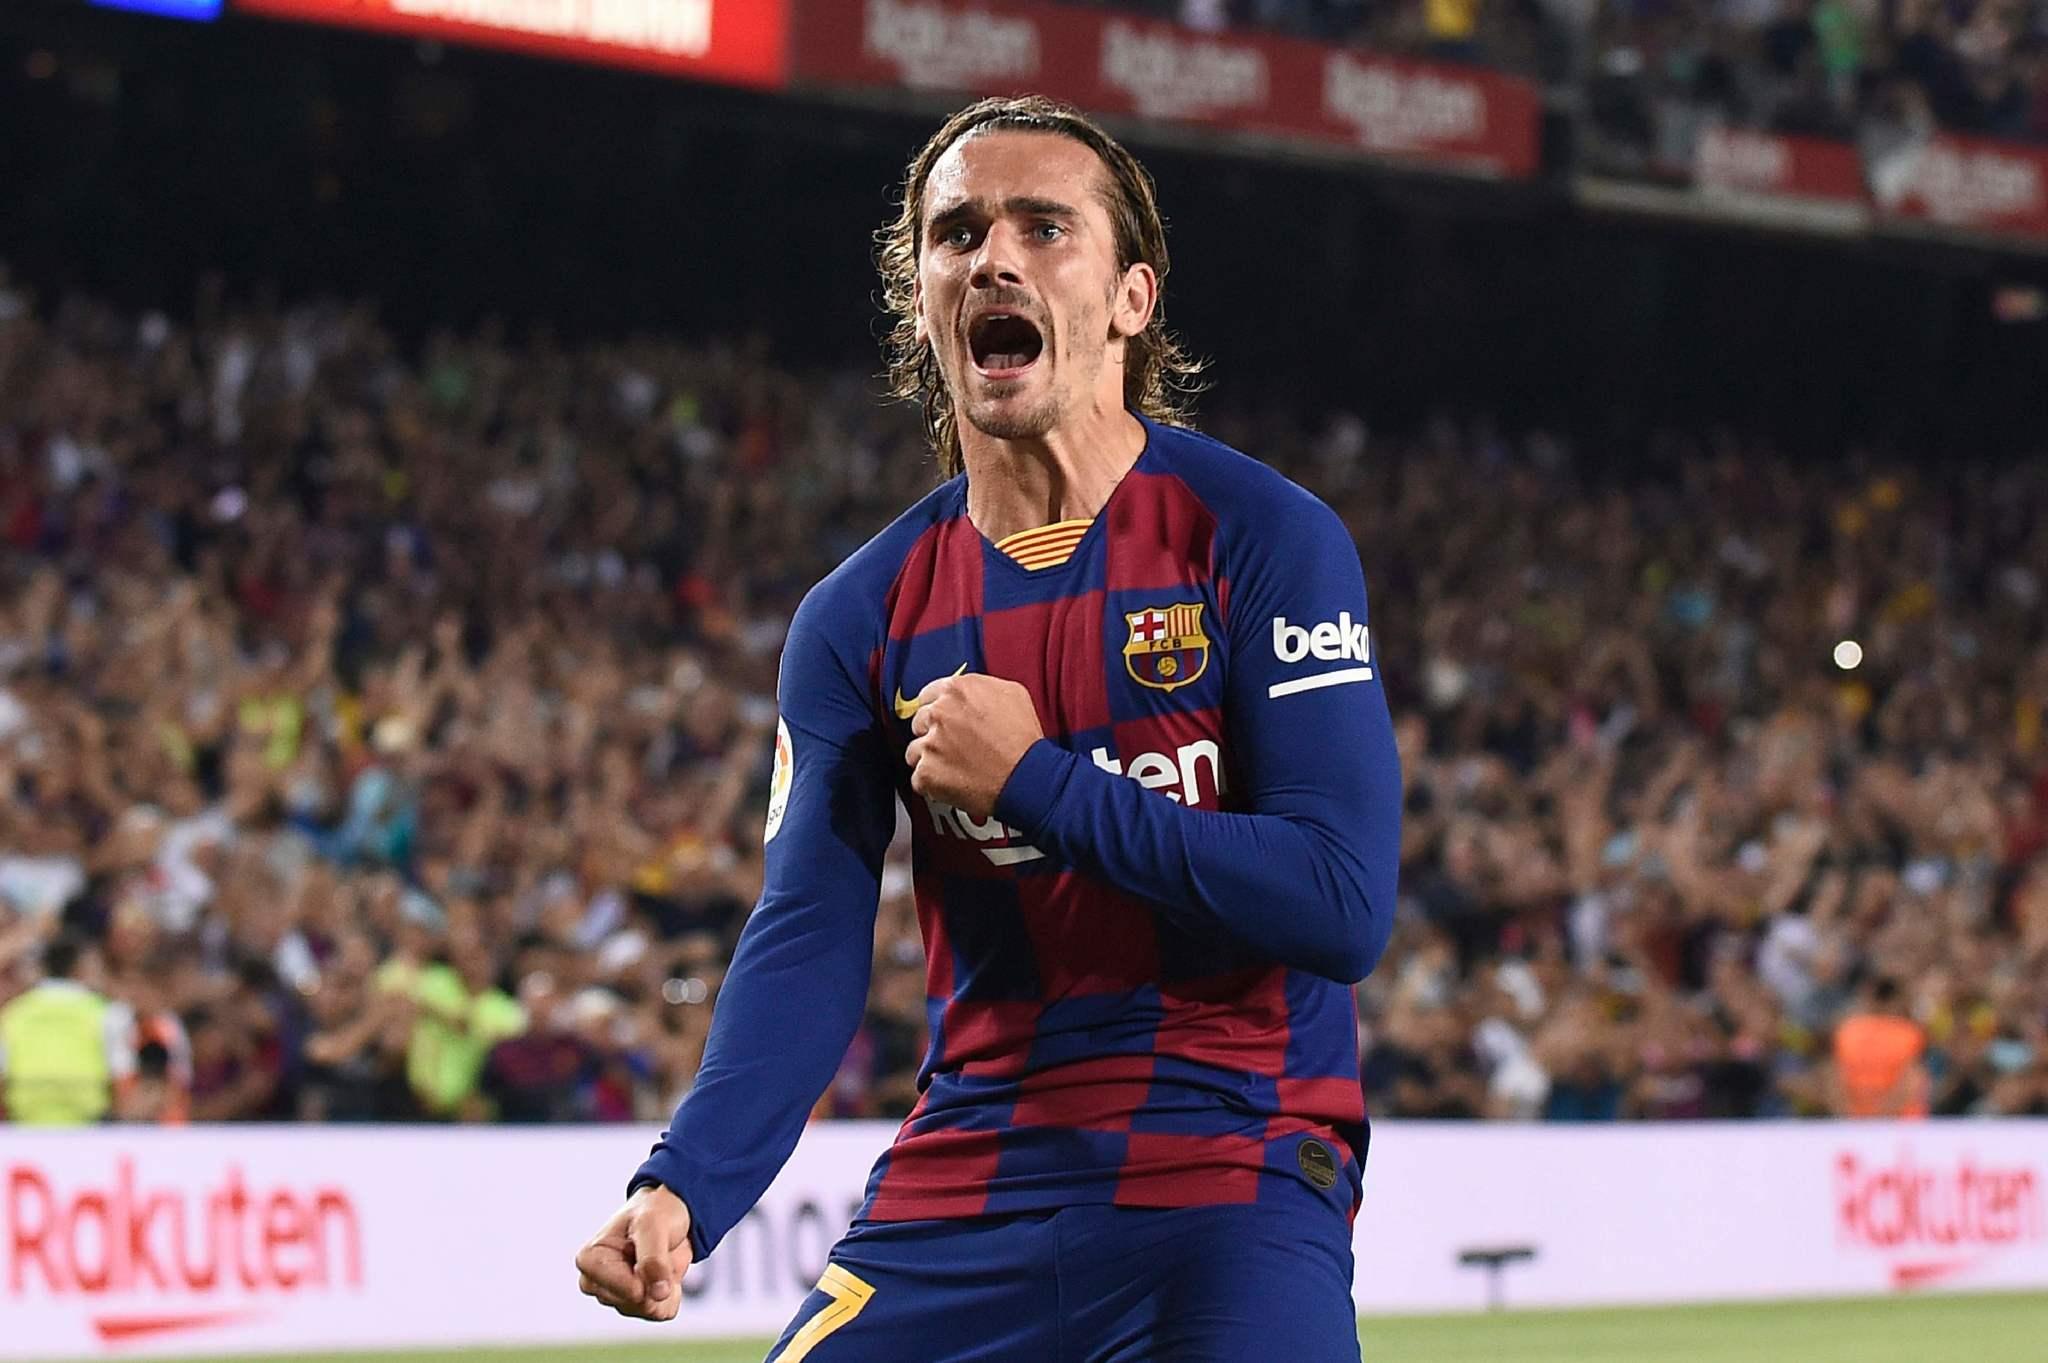 Image result for Griezmann goal for Barcelona] 2019/2020